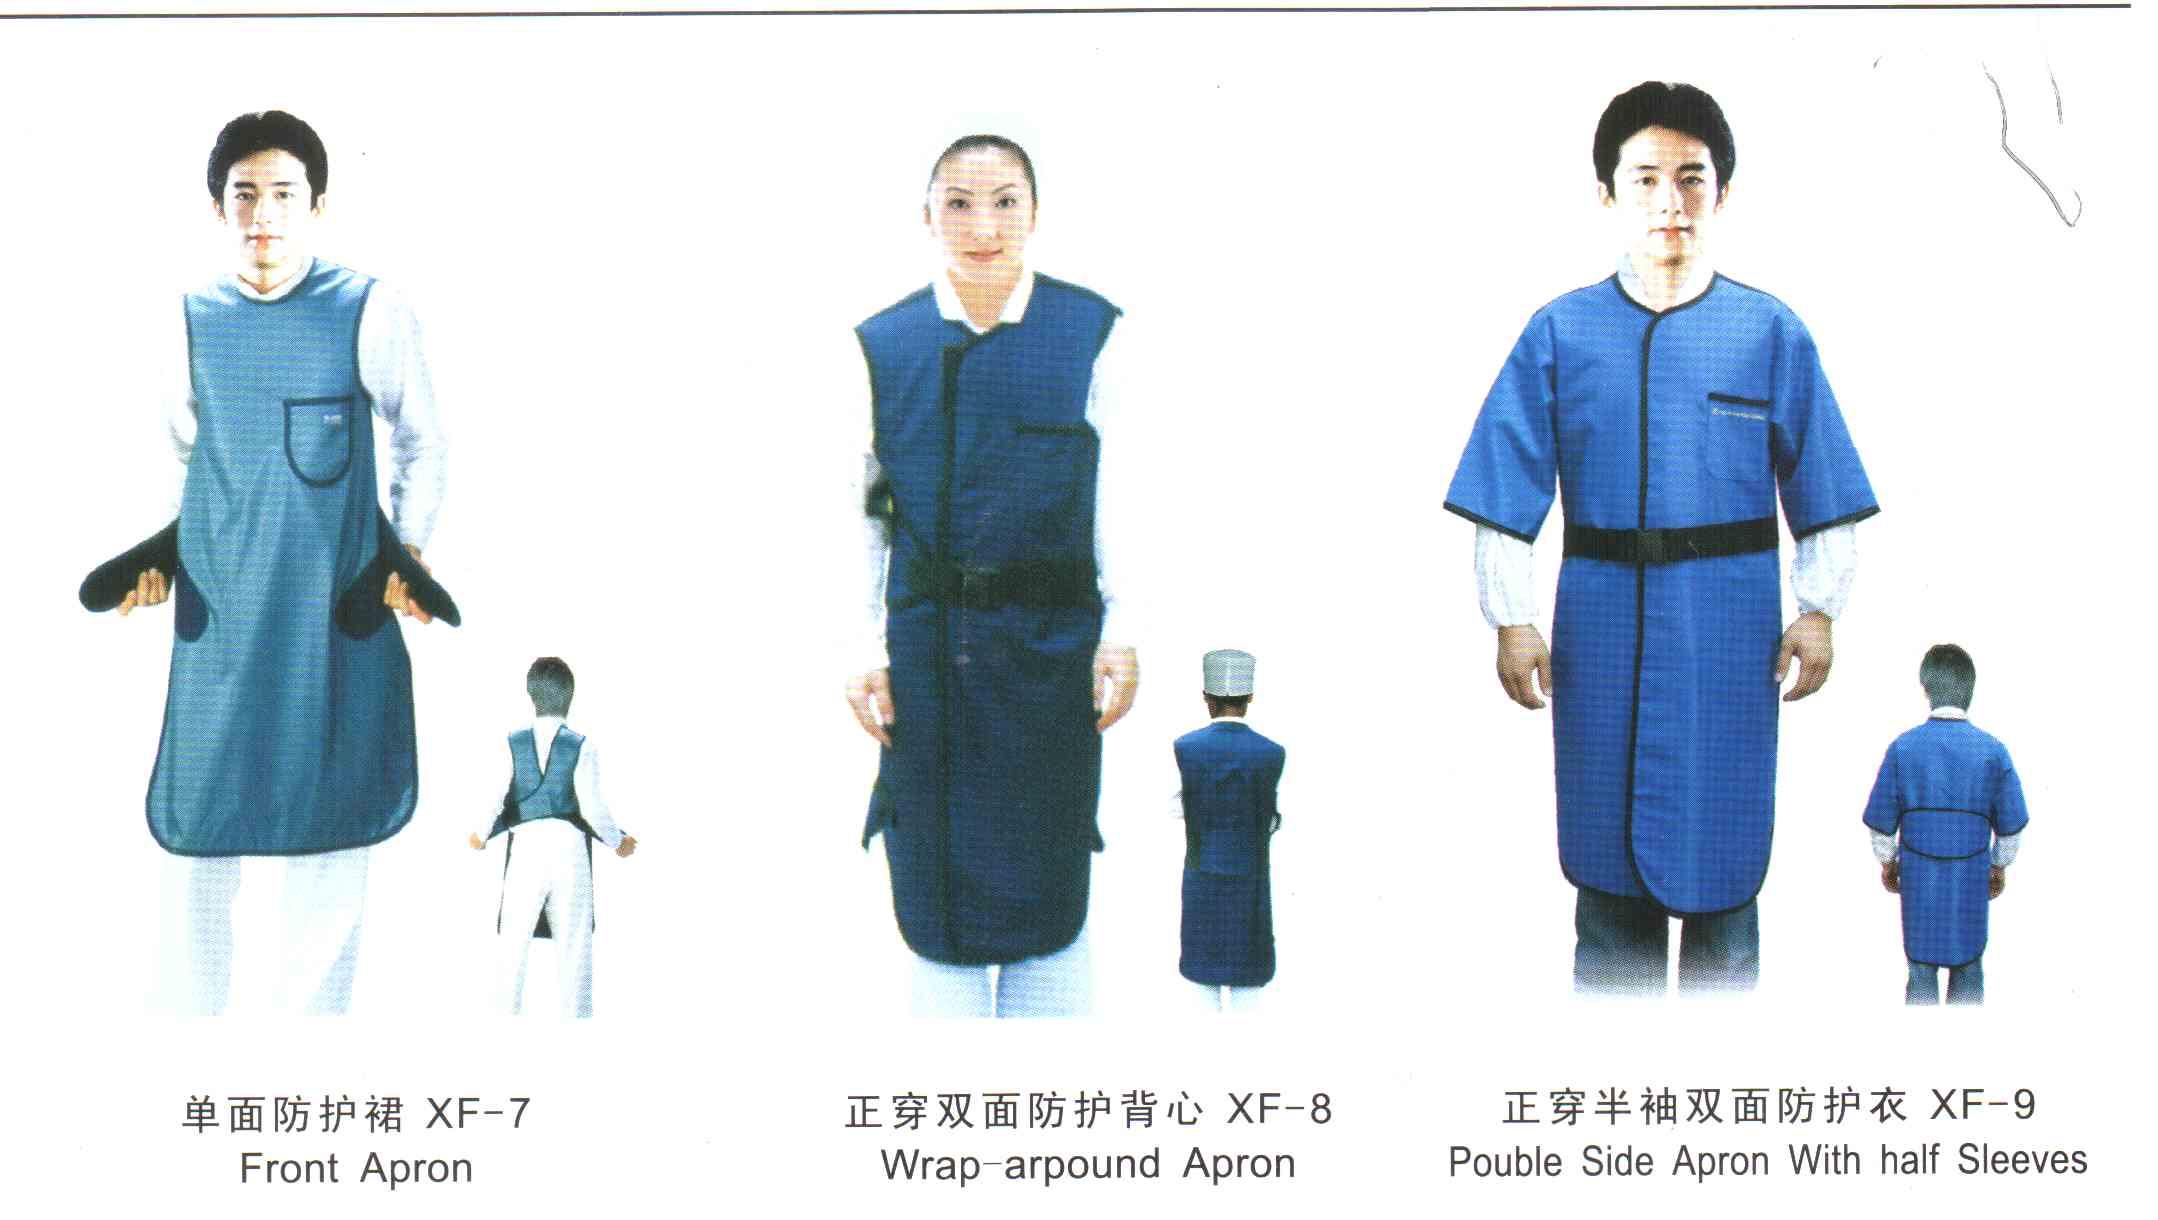 陕西铅衣生产厂家,润通辐射防护工程提供专业的铅衣